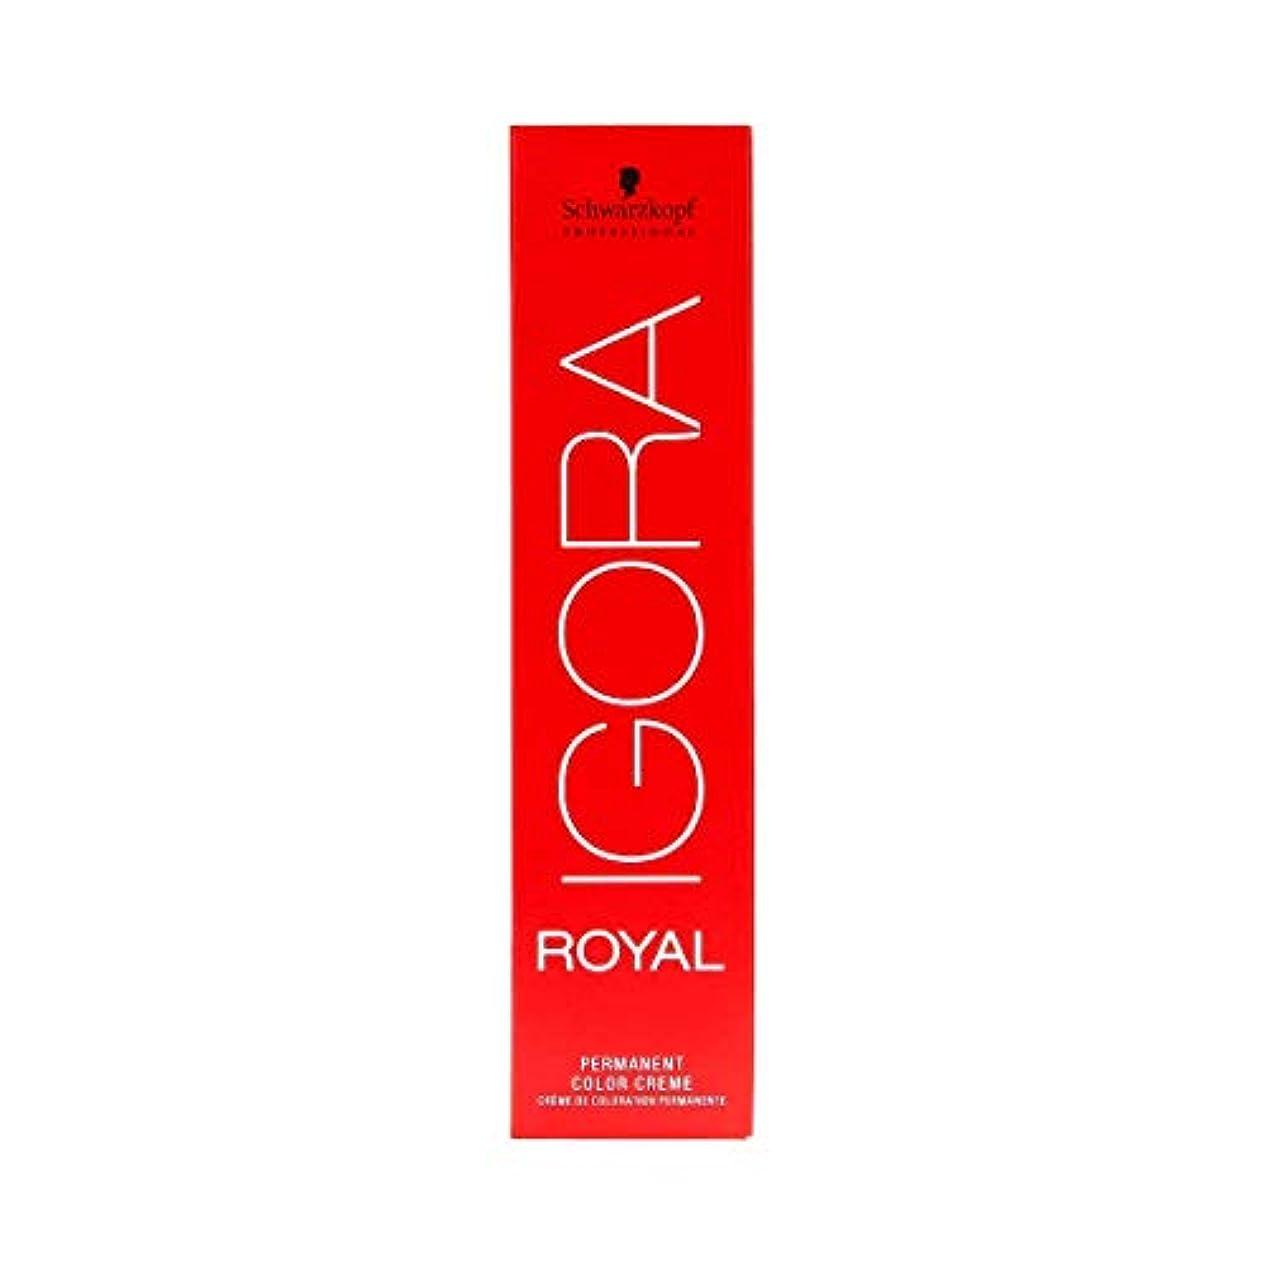 垂直解き明かす継続中シュワルツコフ IGORA ロイヤル9,5-4パーマネントカラークリーム60ml[海外直送品] [並行輸入品]